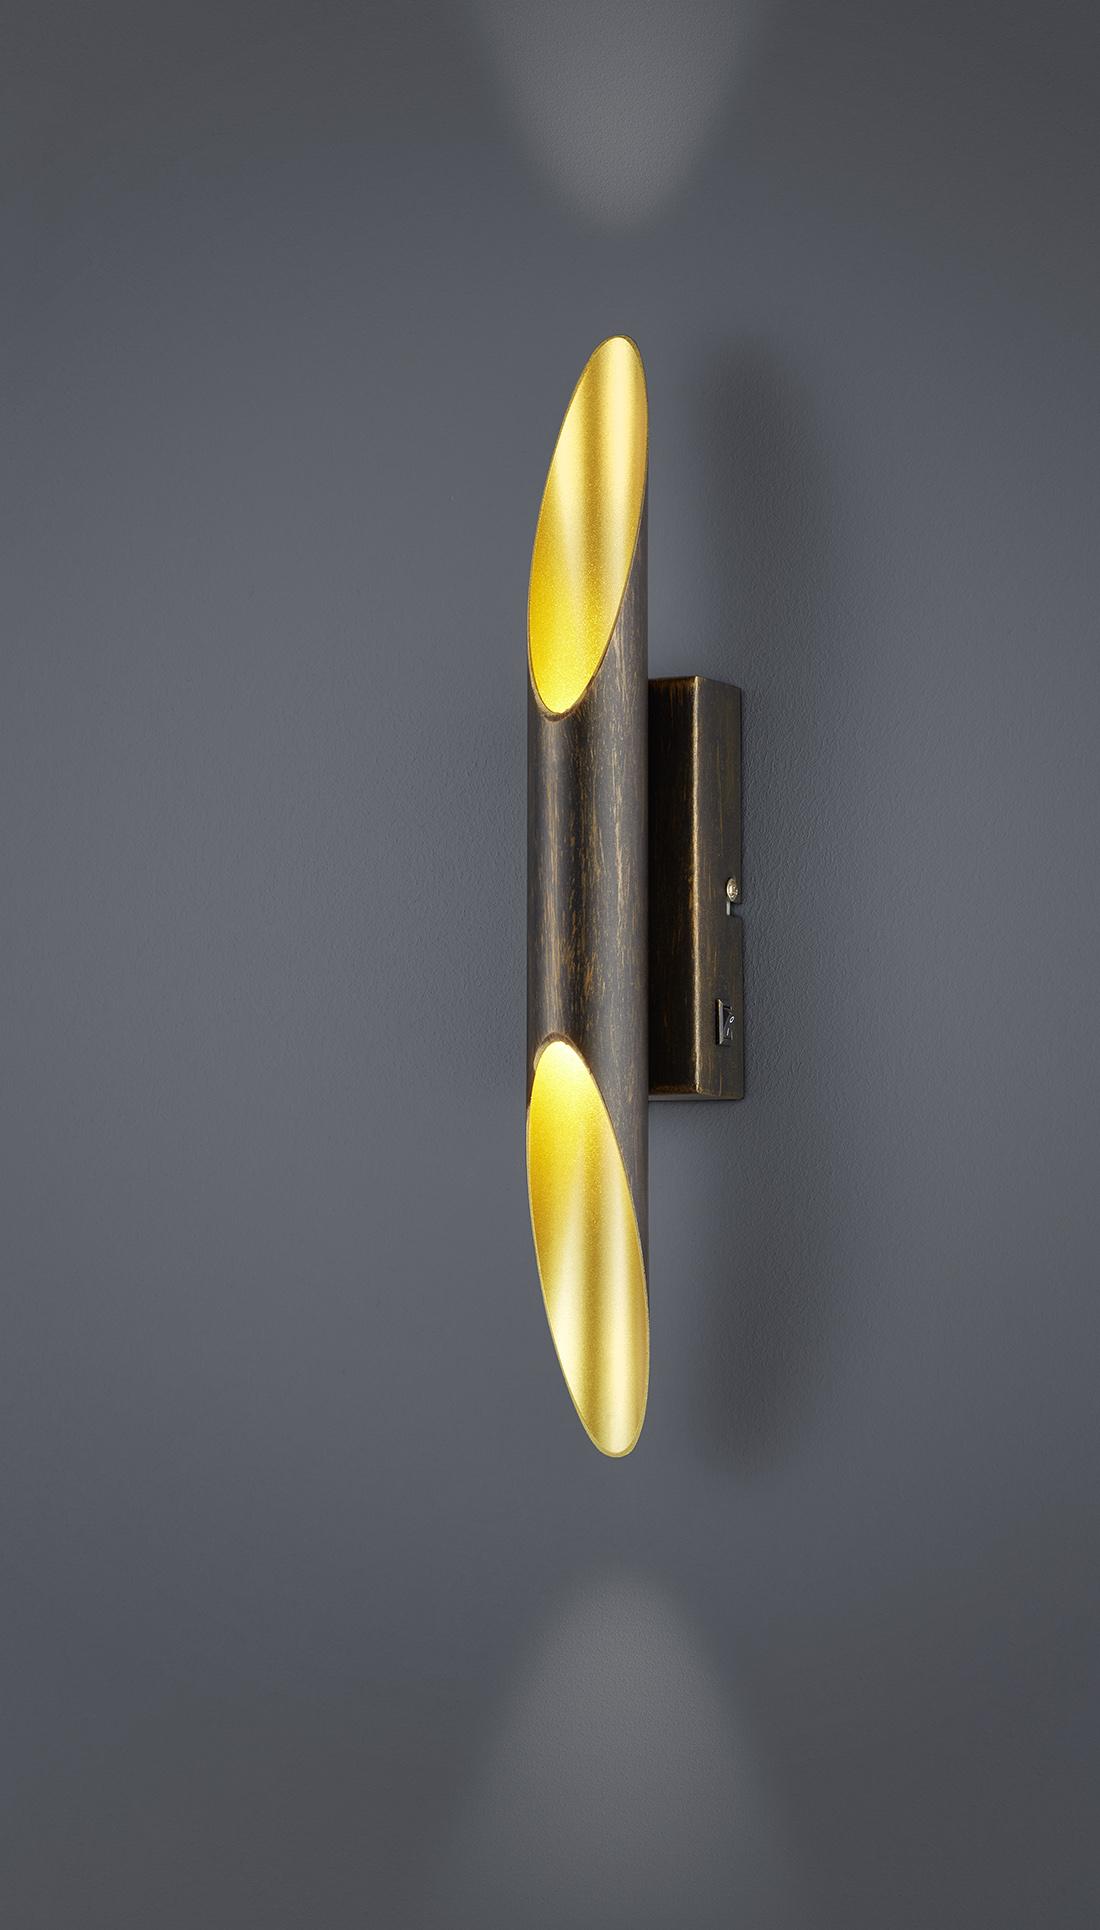 Trio Wall Lamp Bolero Wall Lamp Up//Down Light Lamp Nickel Matt